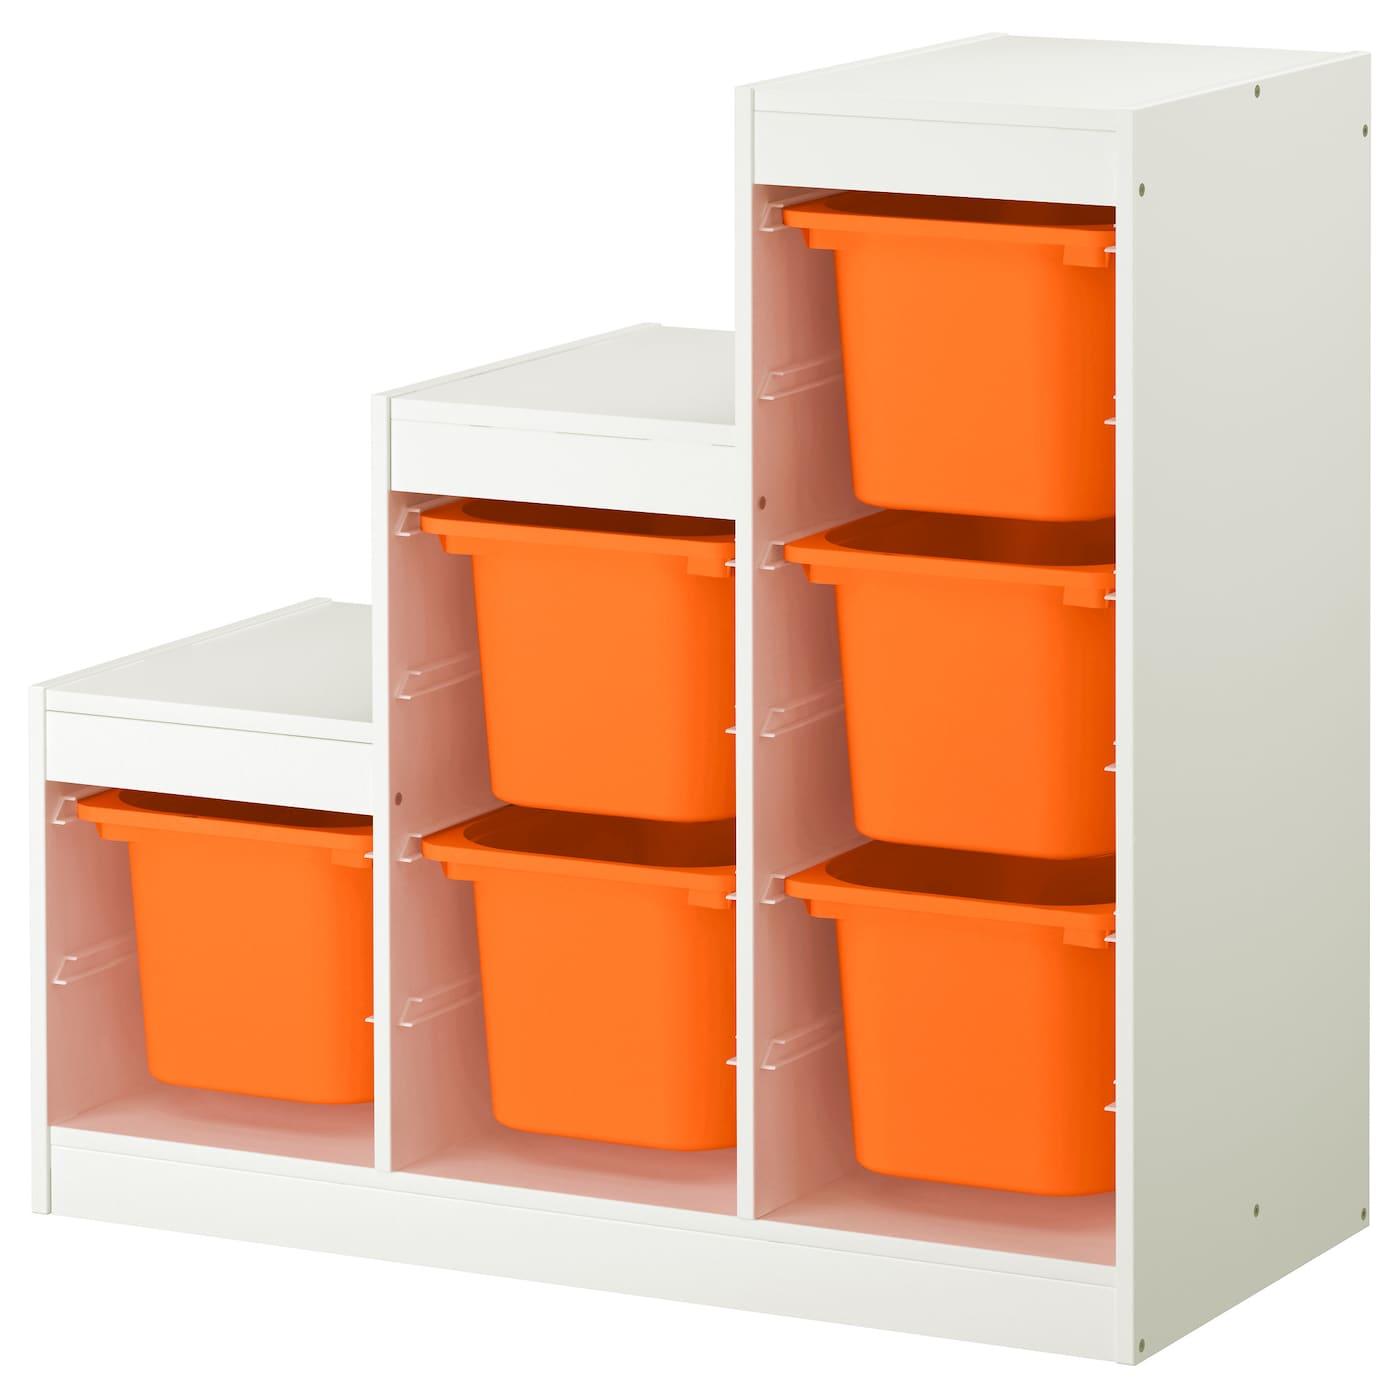 Children Age 3 7 Ikea Ireland Dublin # Meuble Ikea Case